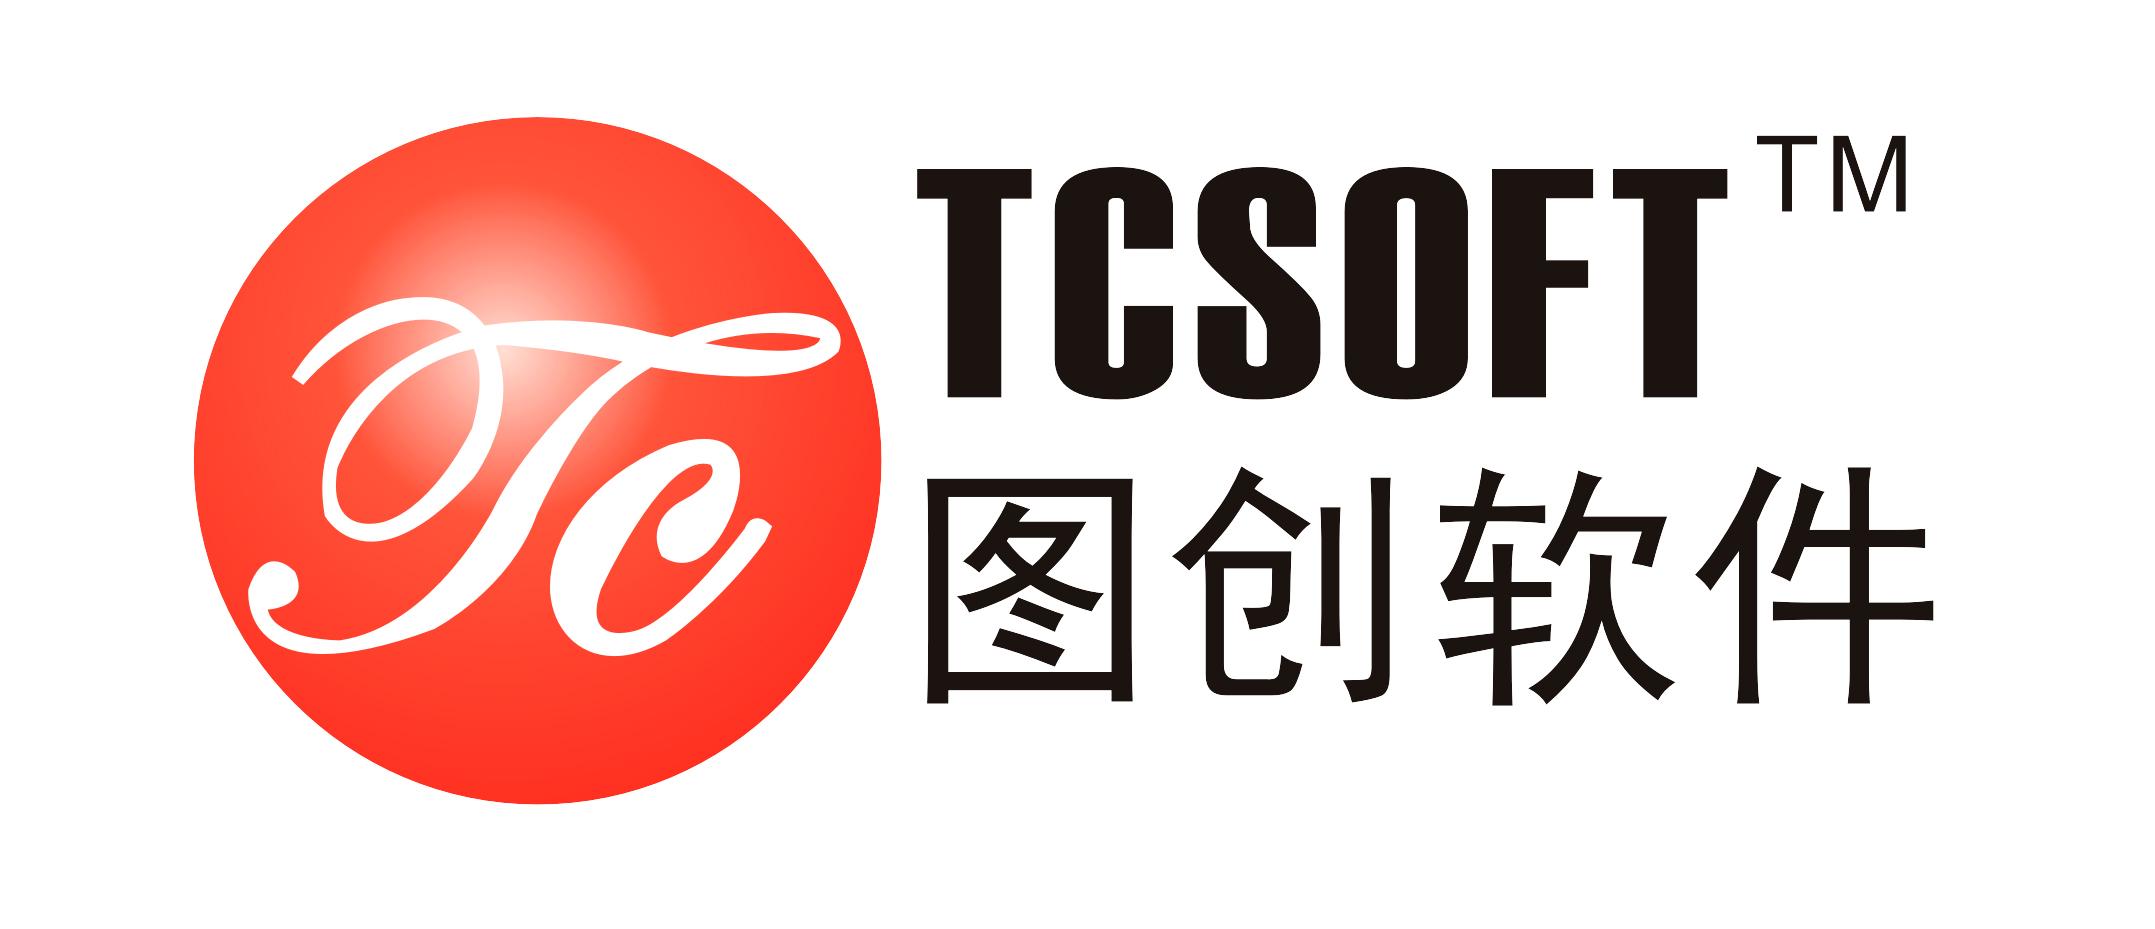 廣州圖創計算機軟件開發有限公司